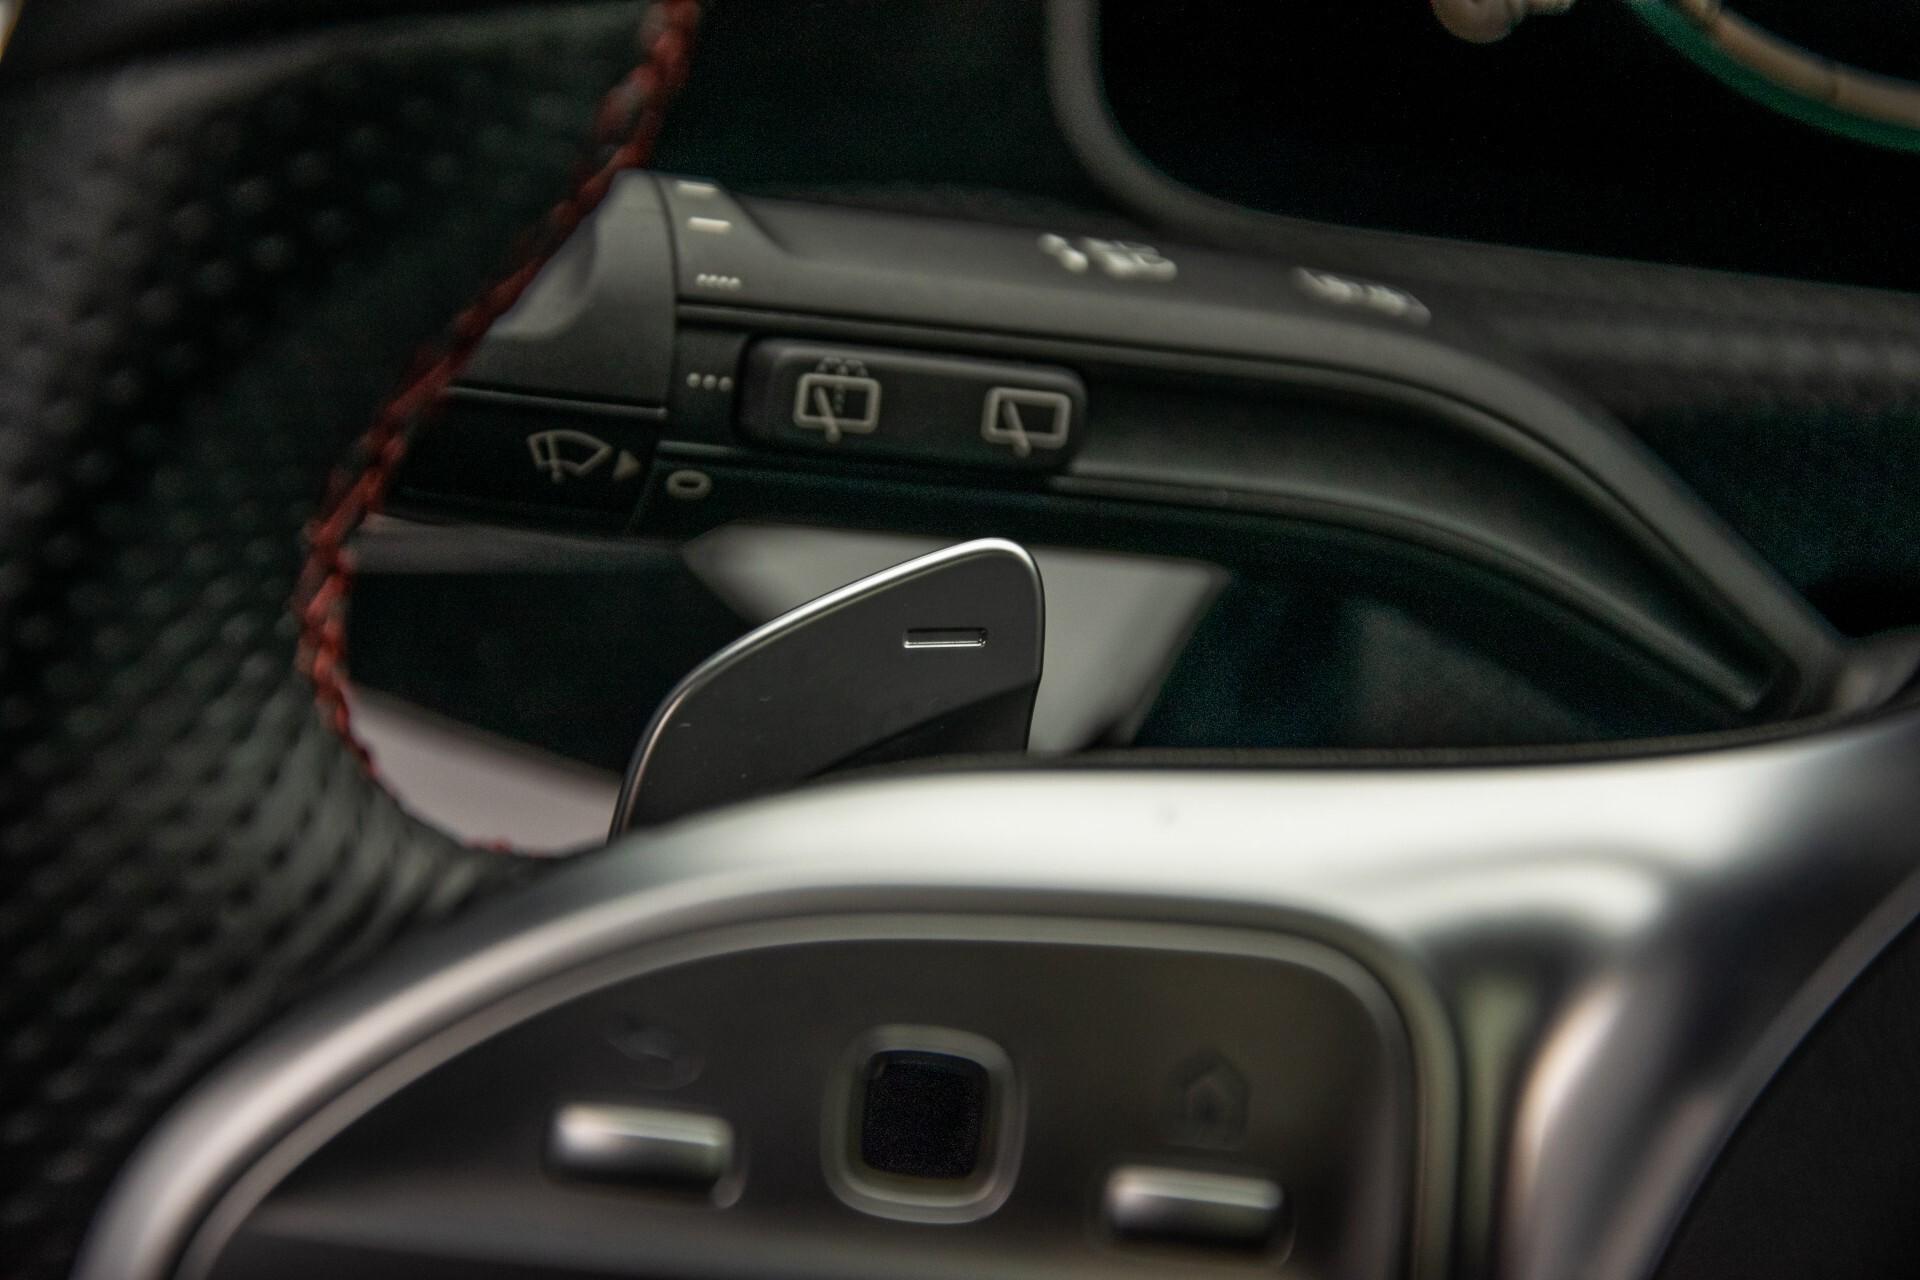 Mercedes-Benz A-Klasse 180 d AMG Panorama/MBUX/DAB/LED Aut7 Foto 11